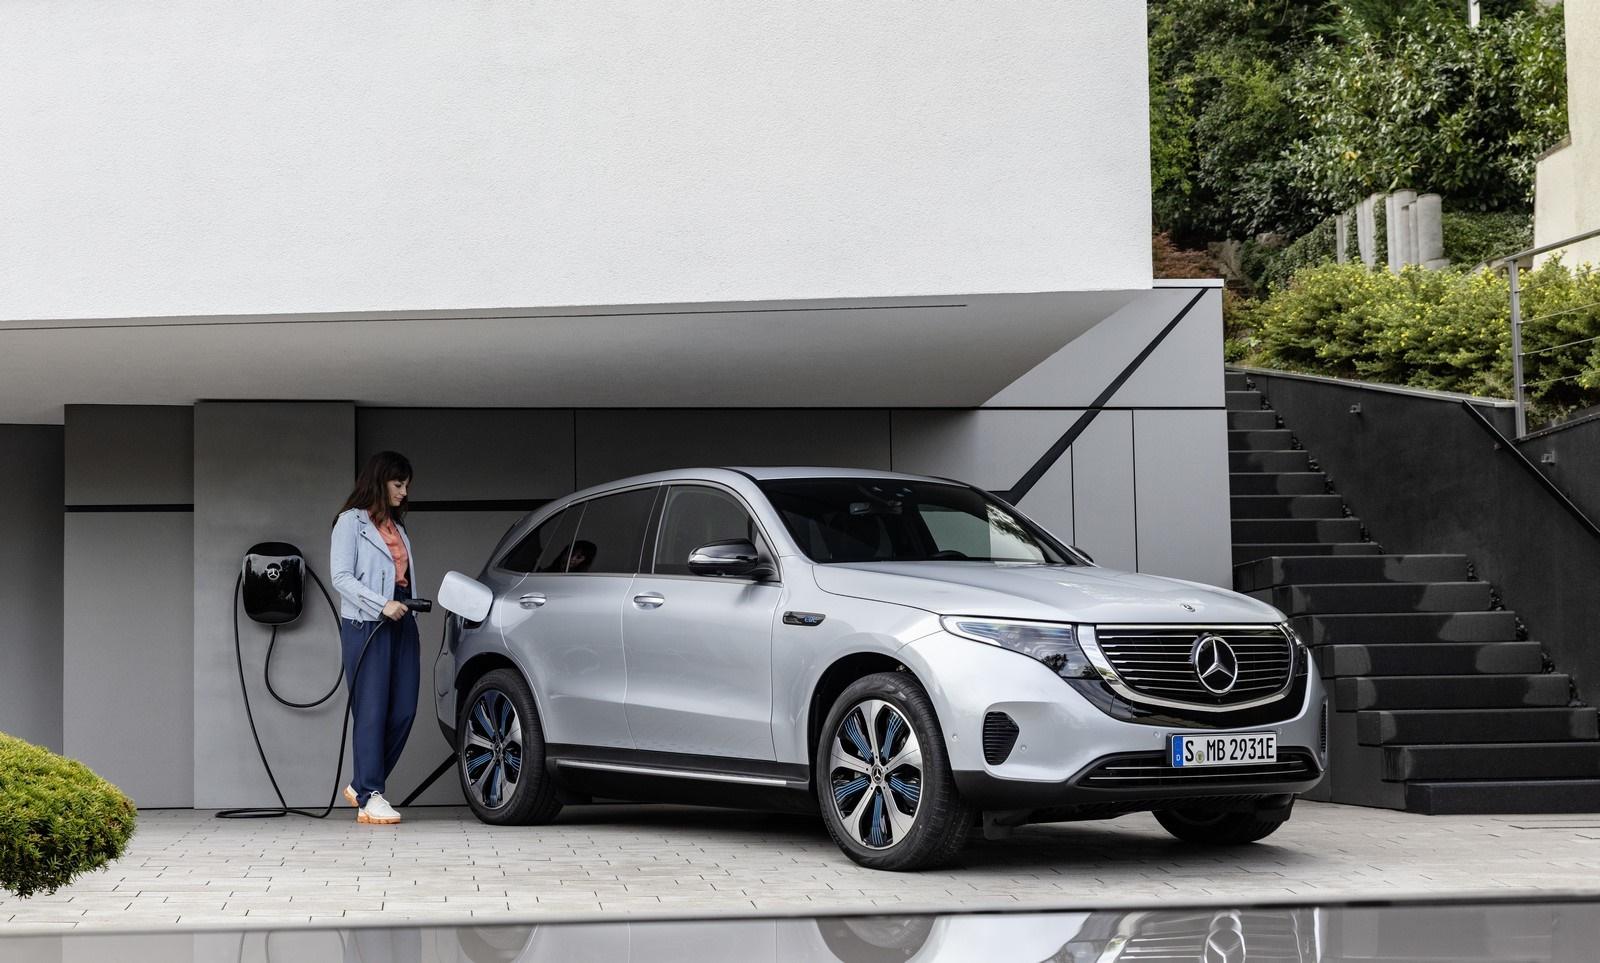 Mercedes: Ηλεκτροκίνηση και στα επαγγελματικά οχήματα